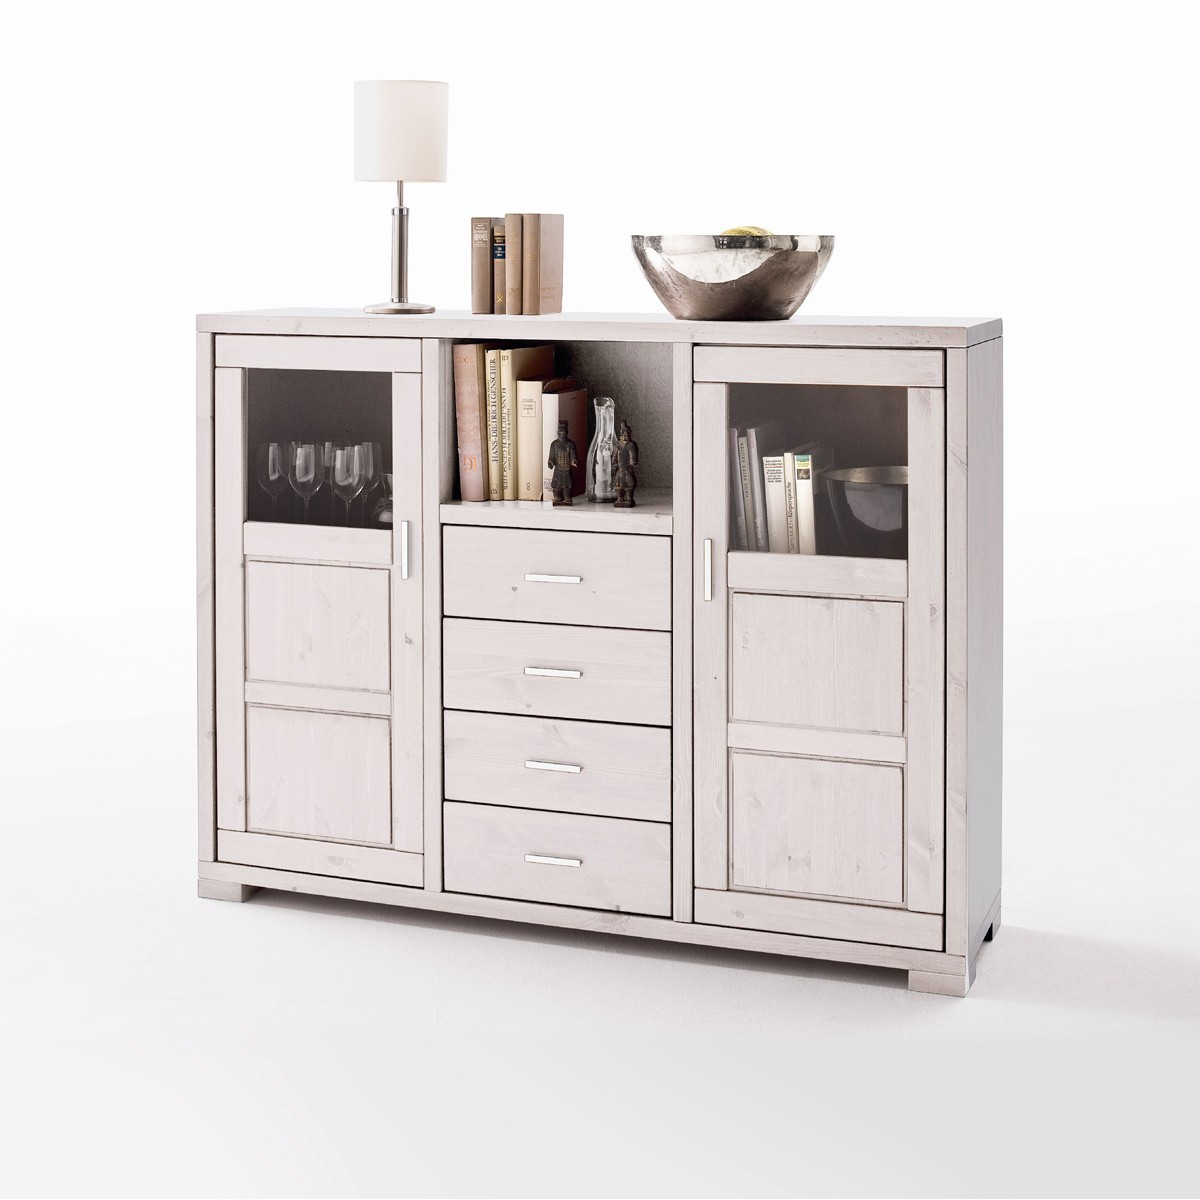 kiefer kommode aufarbeiten die neueste innovation der innenarchitektur und m bel. Black Bedroom Furniture Sets. Home Design Ideas